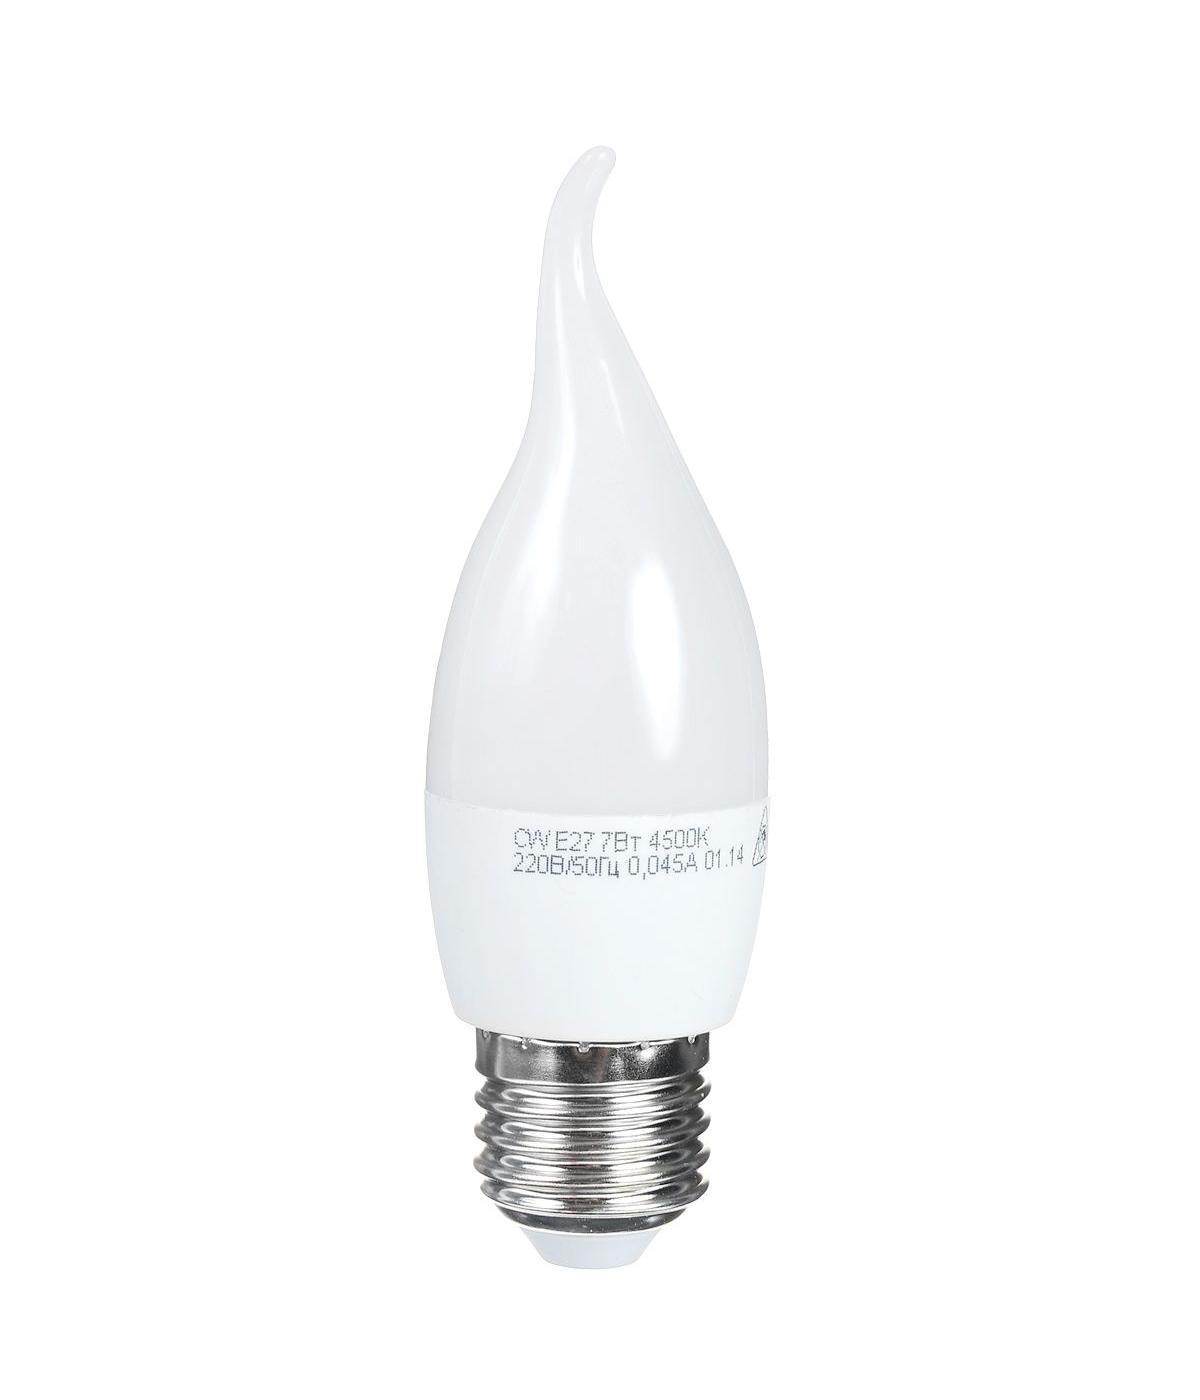 Светодиодная лампа Kosmos, белый свет, цоколь E27, 7W, 220V. Lksm_LED7wCWE2745Lksm_LED7wCWE2745Светодиодная лампа Kosmos инновационный и экологичный продукт, специально разработанный для эффективной замены любых видов галогенных или обыкновенных ламп накаливания во всех типах осветительных приборов. Основные преимущества лампы Kosmos: Служит 30000 часов, что в 30 раз дольше лампы накаливания. Экономична - сберегает до 90% электроэнергии. Обладает высокой механической прочностью и вибростойкостью. Устойчива к перепадам температуры (от -40°С до +50°С).Уважаемые клиенты! Обращаем ваше внимание на возможные изменения в дизайне упаковки. Качественные характеристики товара остаются неизменными. Поставка осуществляется в зависимости от наличия на складе.